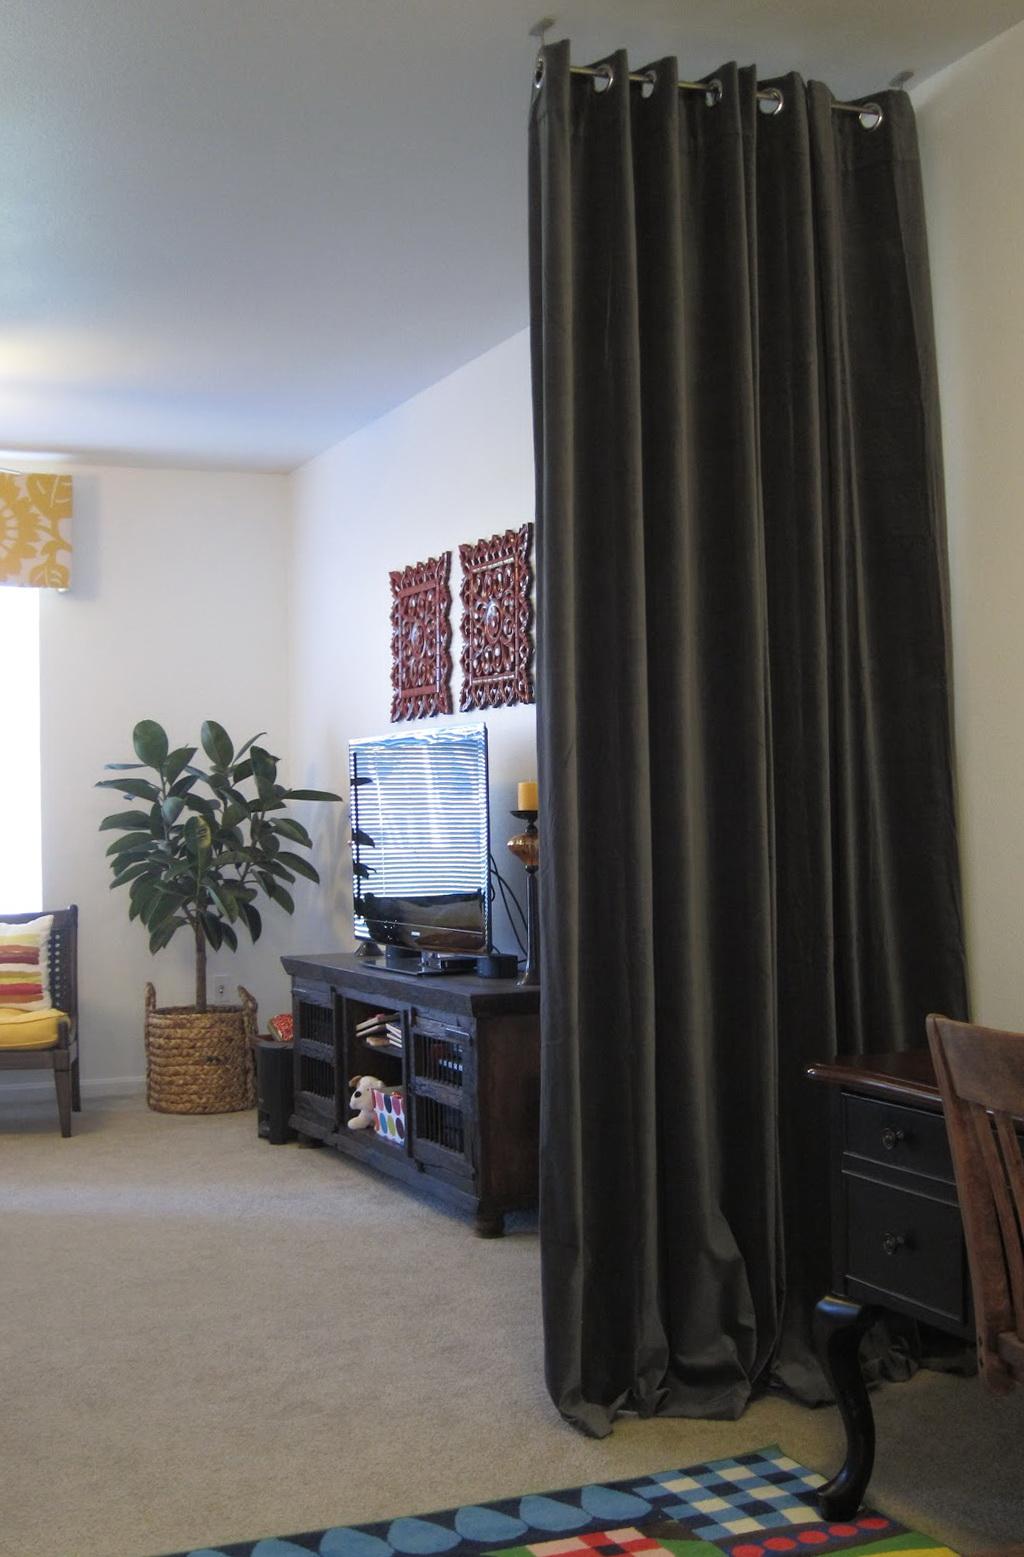 Dorm Room Divider Curtains Home Design Ideas